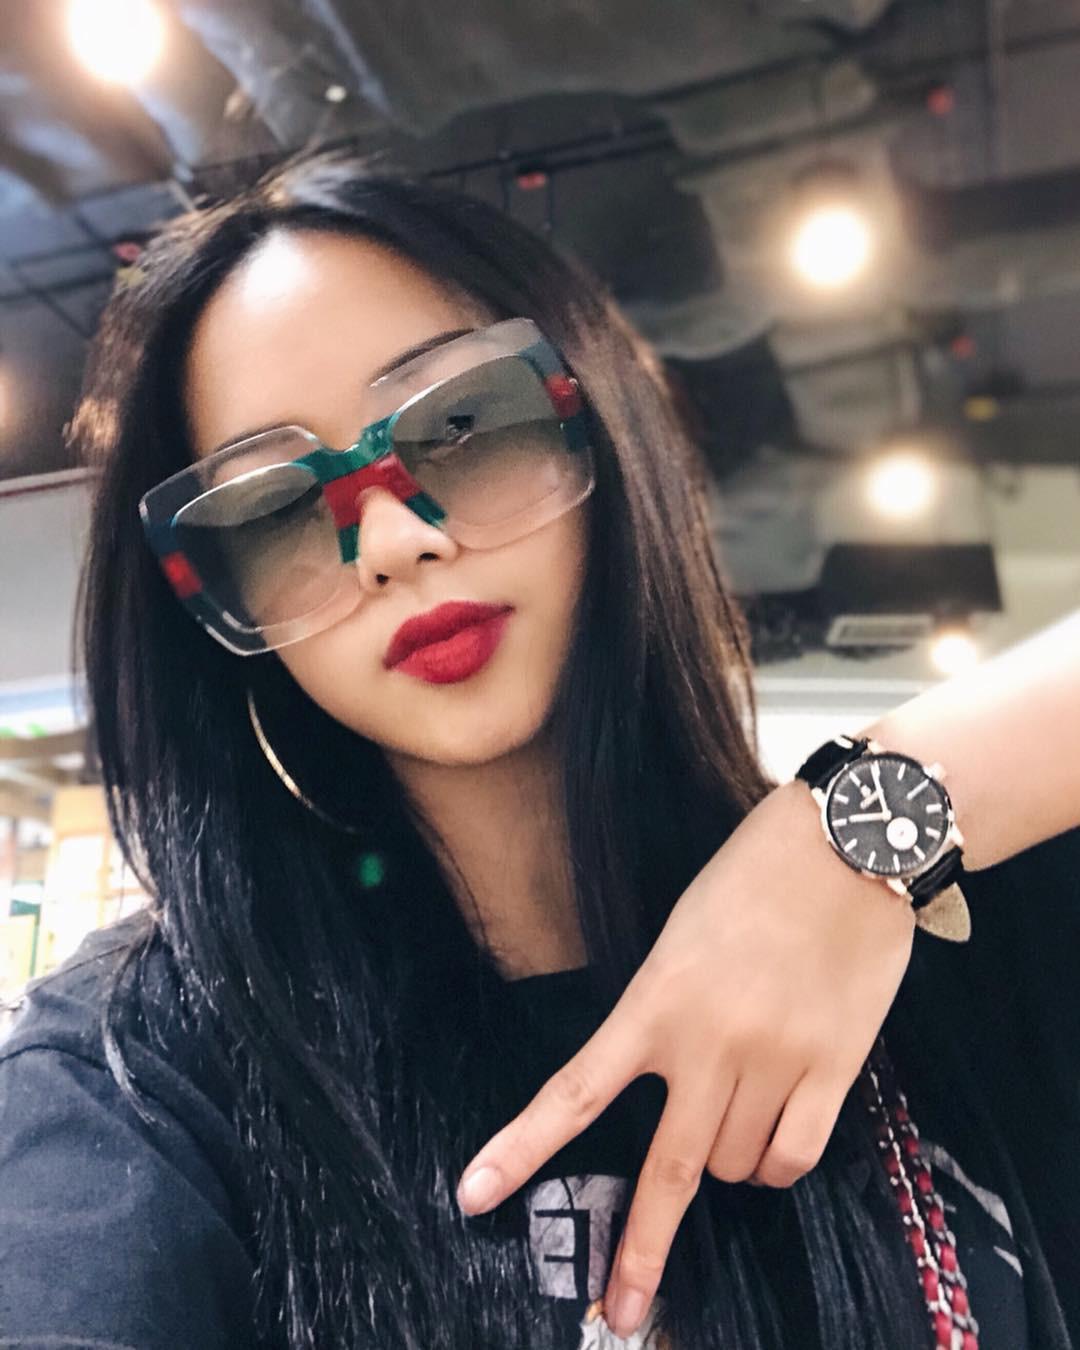 Bạn đã biết 4 cách đánh son siêu xinh đang được các hot girl Việt tích cực diện mùa xuân này chưa? - Ảnh 7.